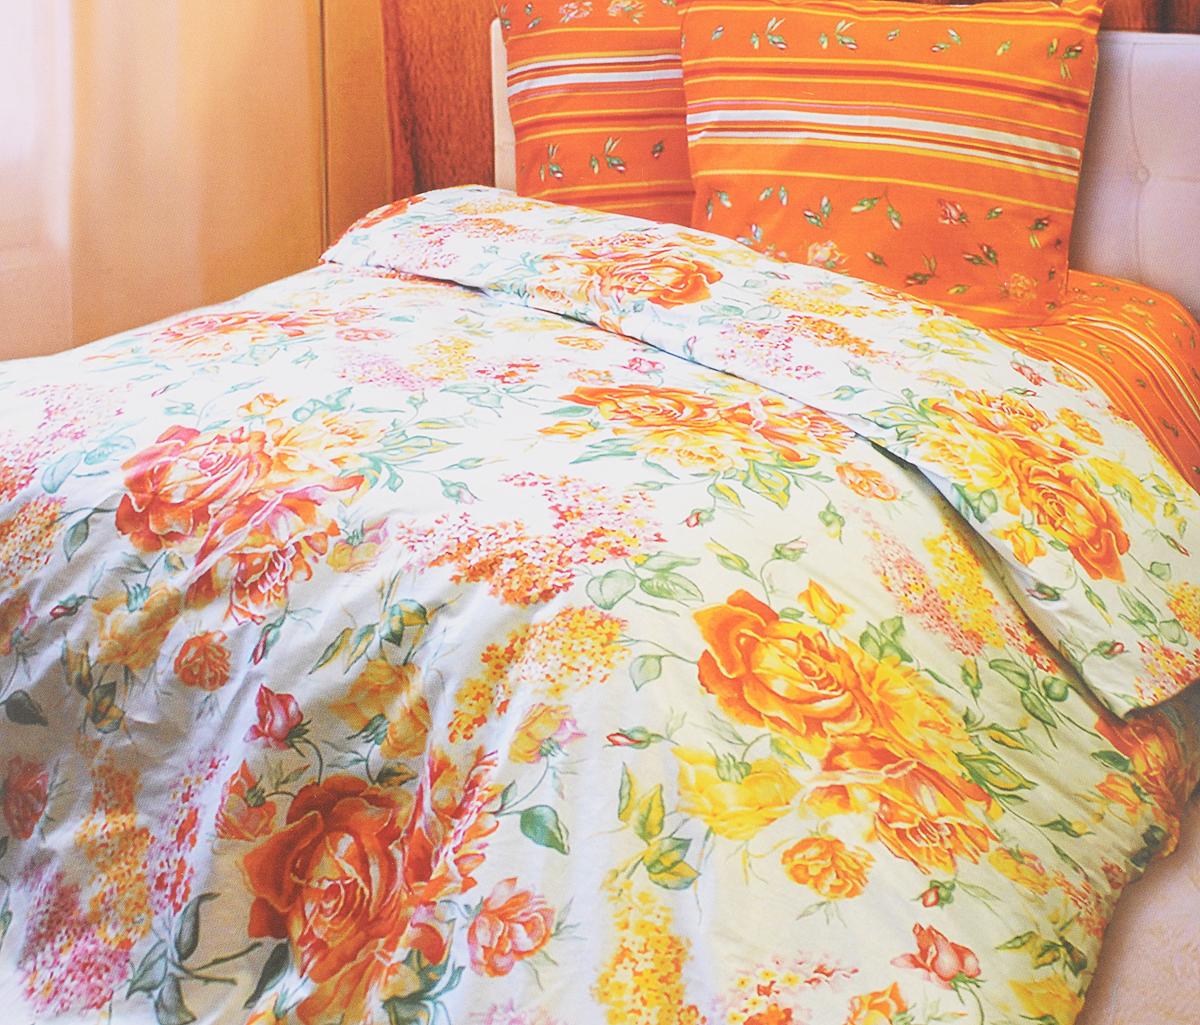 Комплект белья Катюша Сюзанна, 1,5-спальный, наволочки 50х70, цвет: белый, оранжевыйC-264/3839Комплект постельного белья Катюша Сюзанна является экологически безопасным для всей семьи, так как выполнен из бязи (100% хлопок). Комплект состоит из пододеяльника, простыни и двух наволочек. Постельное белье оформлено оригинальным рисунком и имеет изысканный внешний вид. Бязь - это ткань полотняного переплетения, изготовленная из экологически чистого и натурального 100% хлопка. Она прочная, мягкая, обладает низкой сминаемостью, легко стирается и хорошо гладится. Бязь прекрасно пропускает воздух и за ней легко ухаживать. При соблюдении рекомендуемых условий стирки, сушки и глажения ткань имеет усадку по ГОСТу, сохранятся яркость текстильных рисунков. Приобретая комплект постельного белья Катюша Сюзанна, вы можете быть уверенны в том, что покупка доставит вам и вашим близким удовольствие и подарит максимальный комфорт.